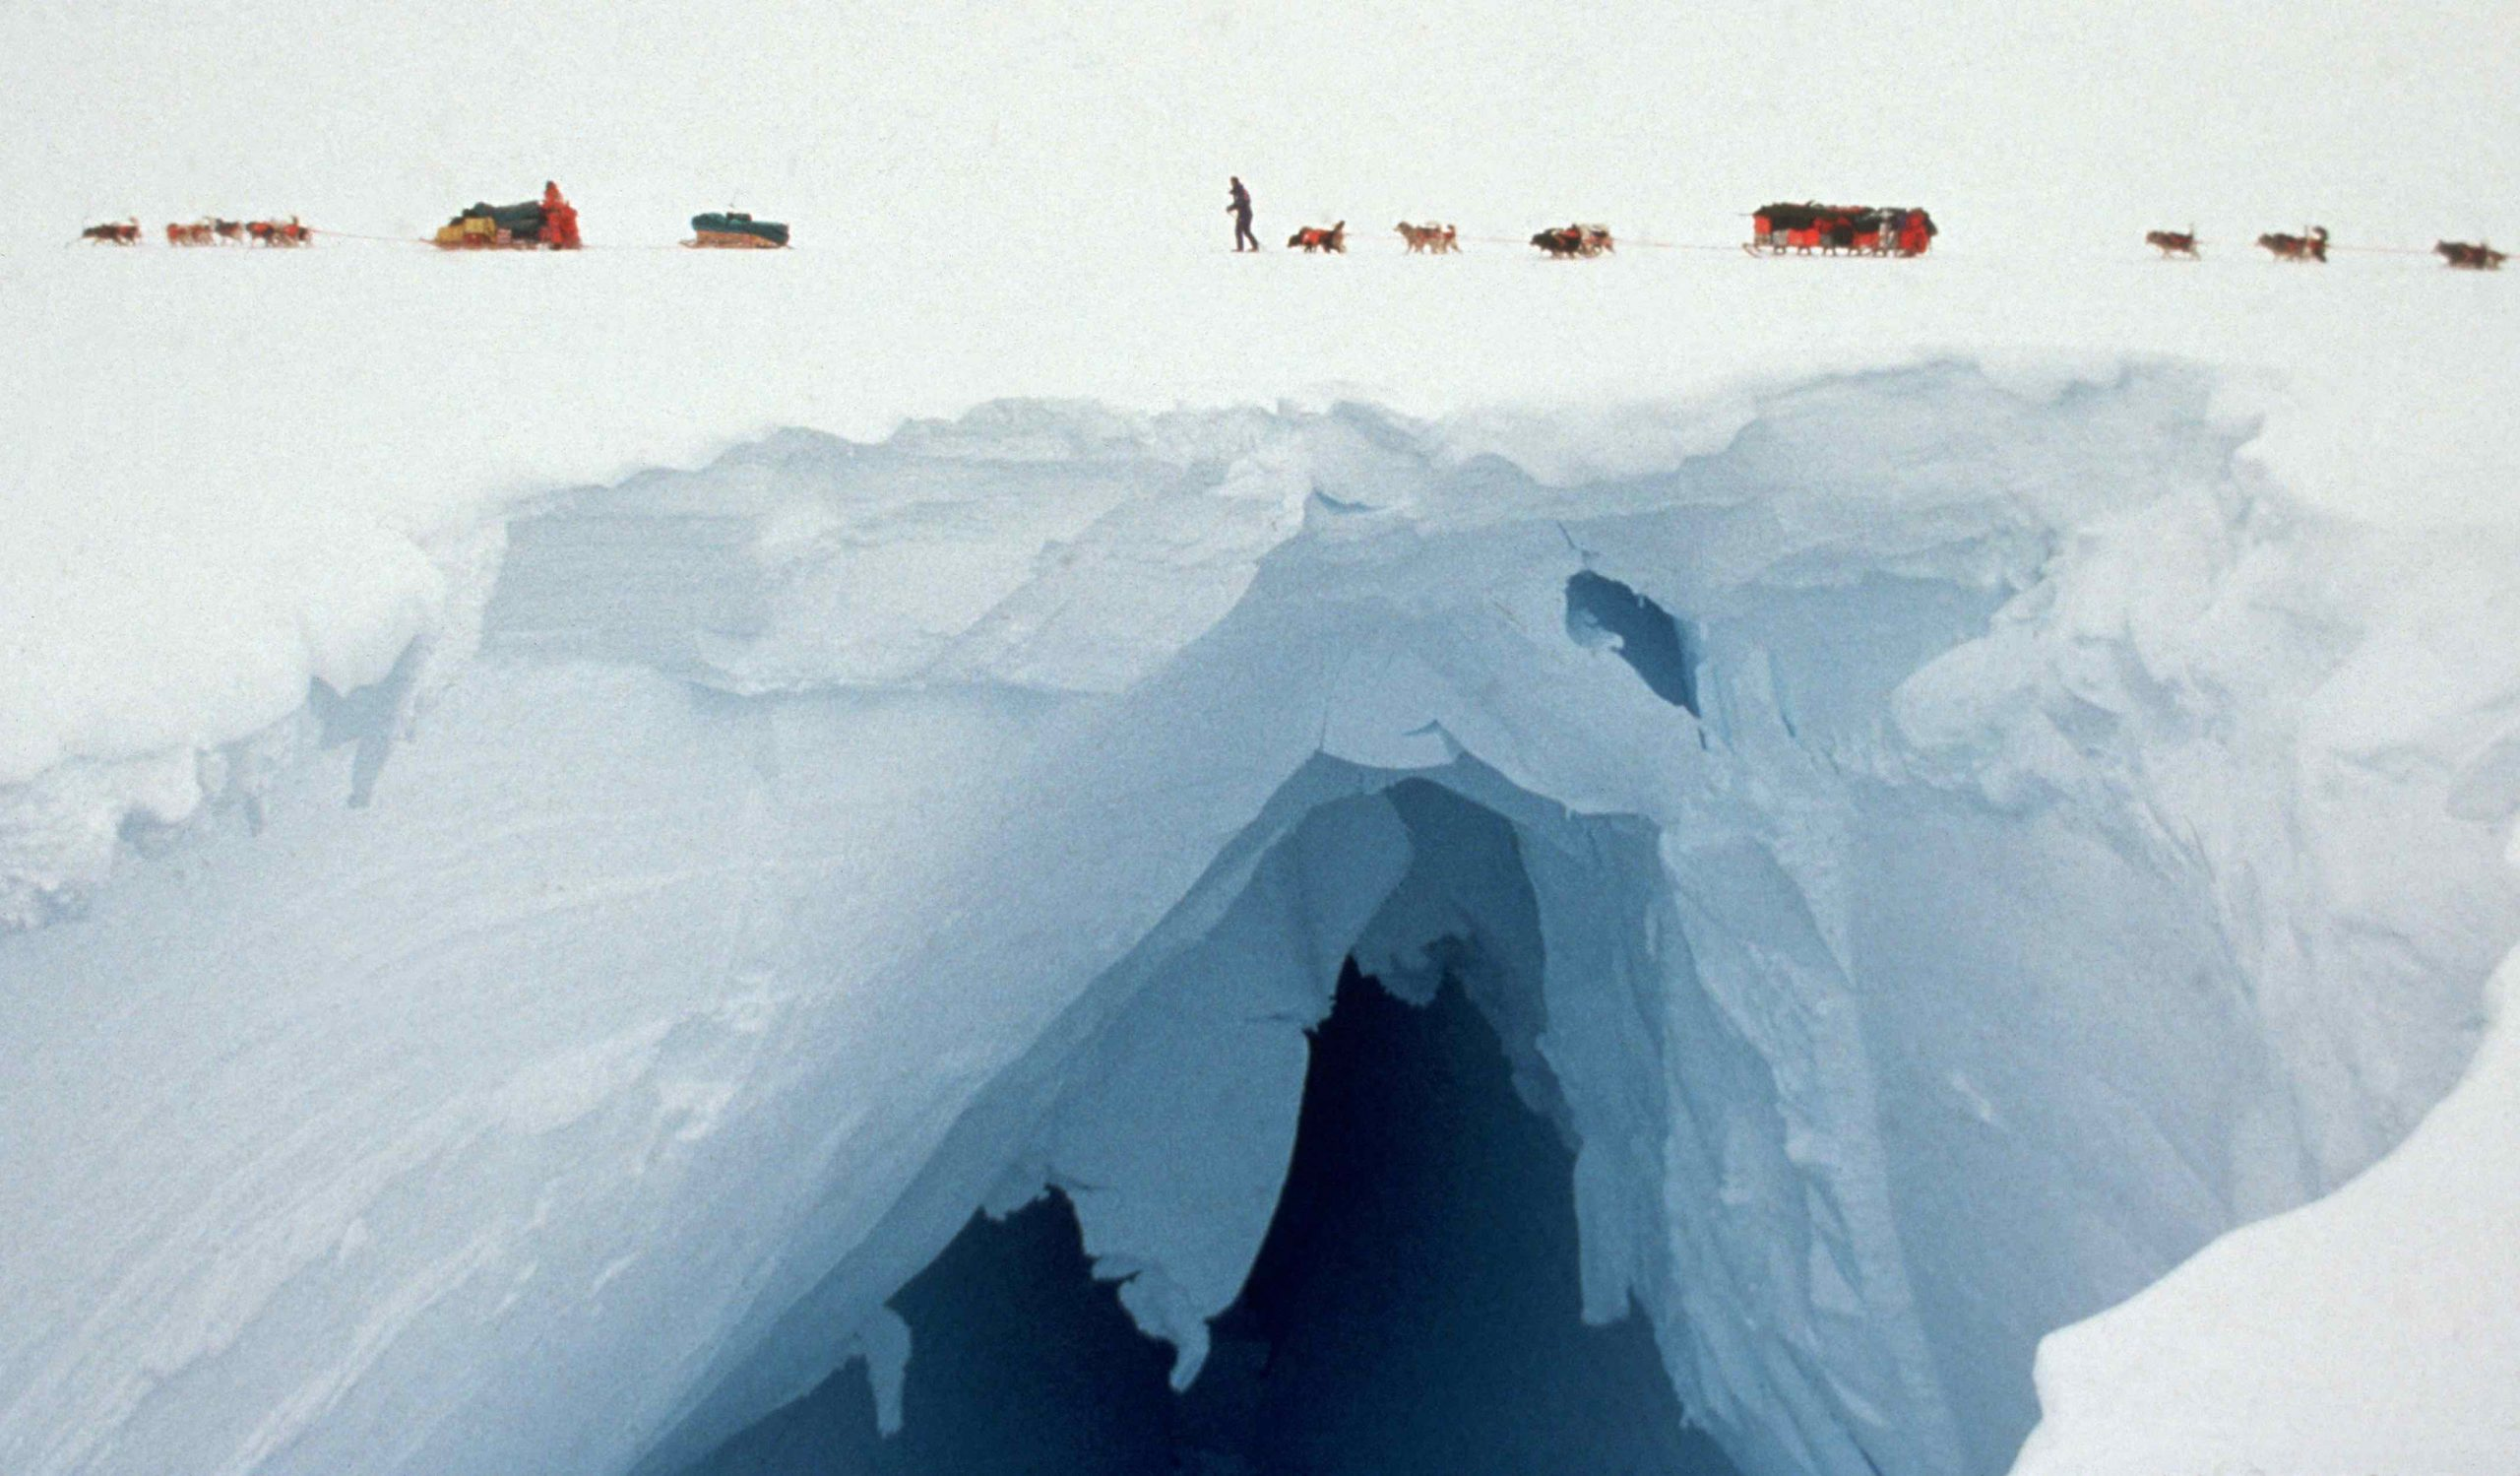 Abb. 6 Am Weyerhaeuser-Gletscher der Antarktischen Halbinsel müssen die Mitglieder der Transantarctica-Hundeschlittenexpedition 1989/90 zahlreiche sichtbare und unsichtbare Gefahren meistern. Foto: Will Steger 1989